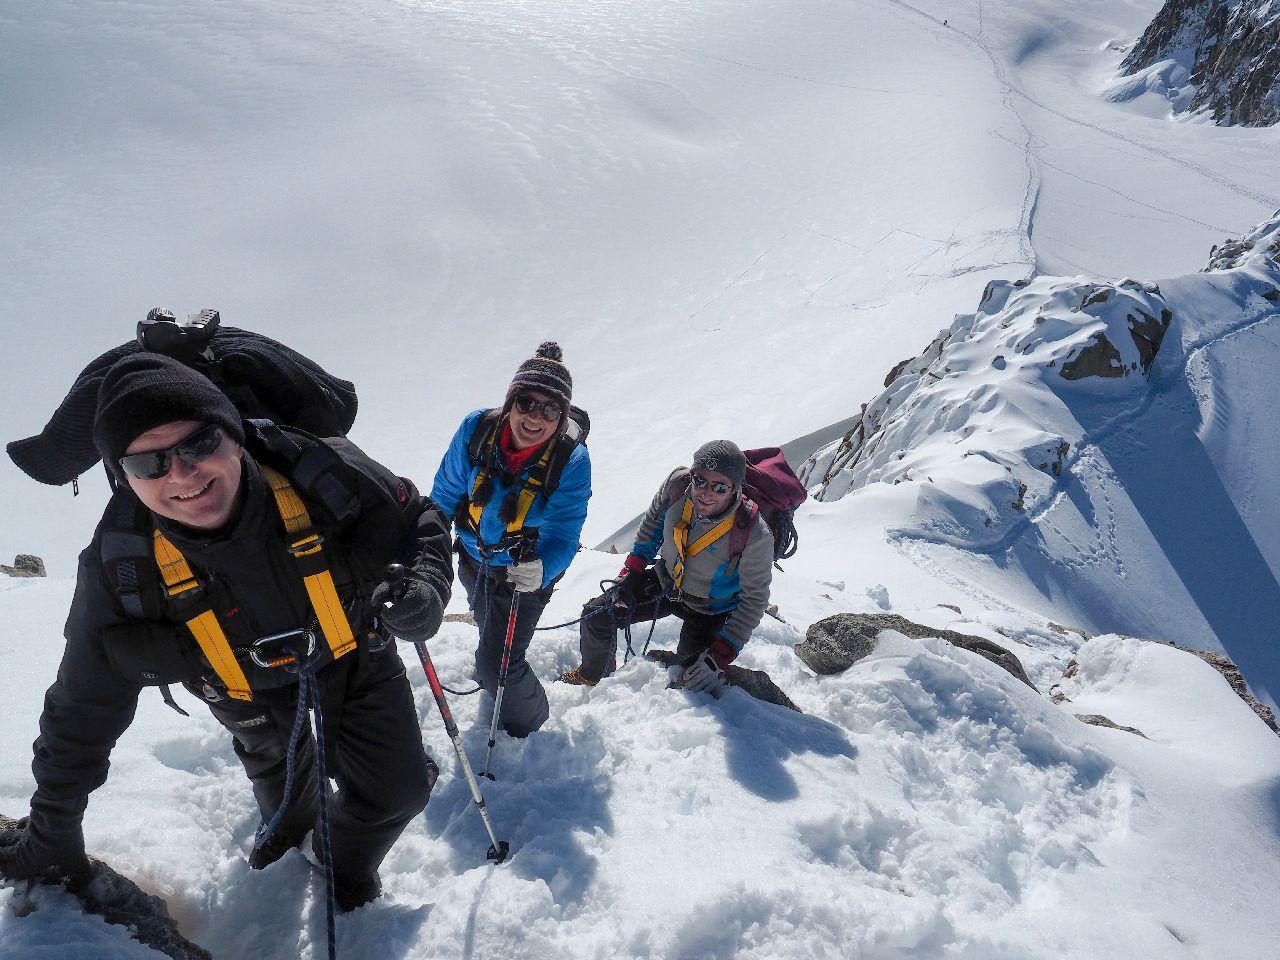 Fotografene oppholdt seg på fjellet i to uker. Foto: in2white.com